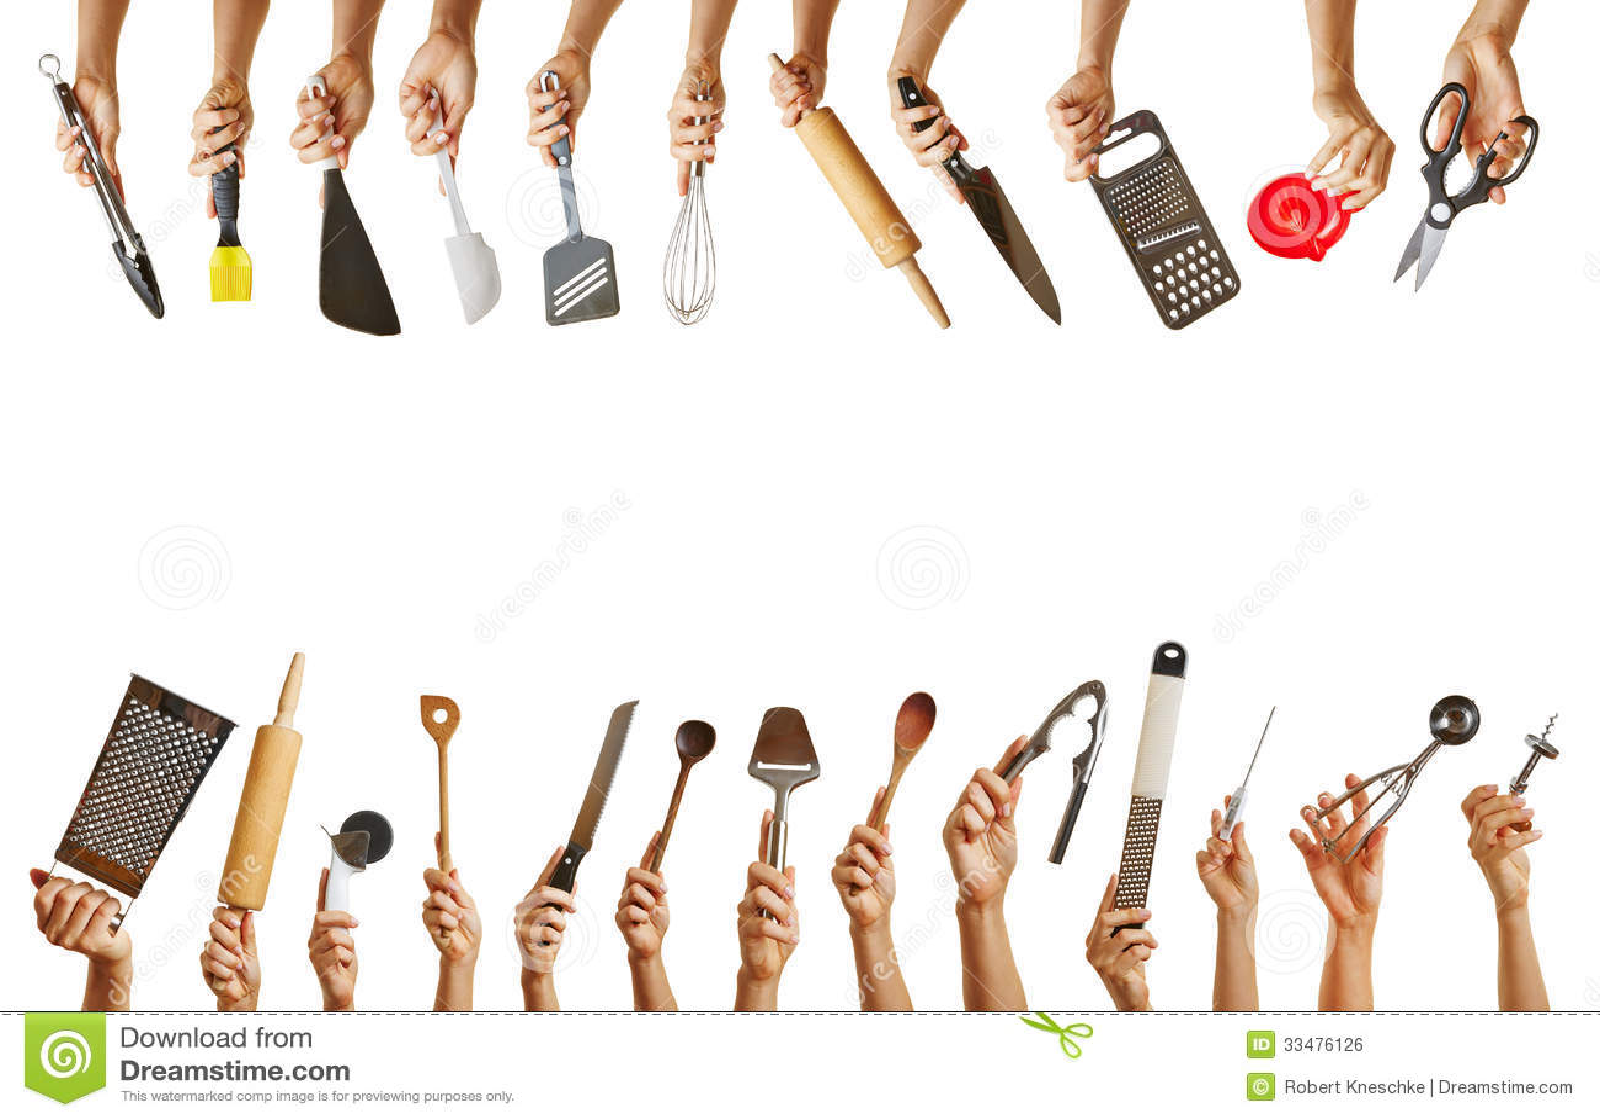 beaucoup de mains tenant diff rents outils de cuisine. Black Bedroom Furniture Sets. Home Design Ideas